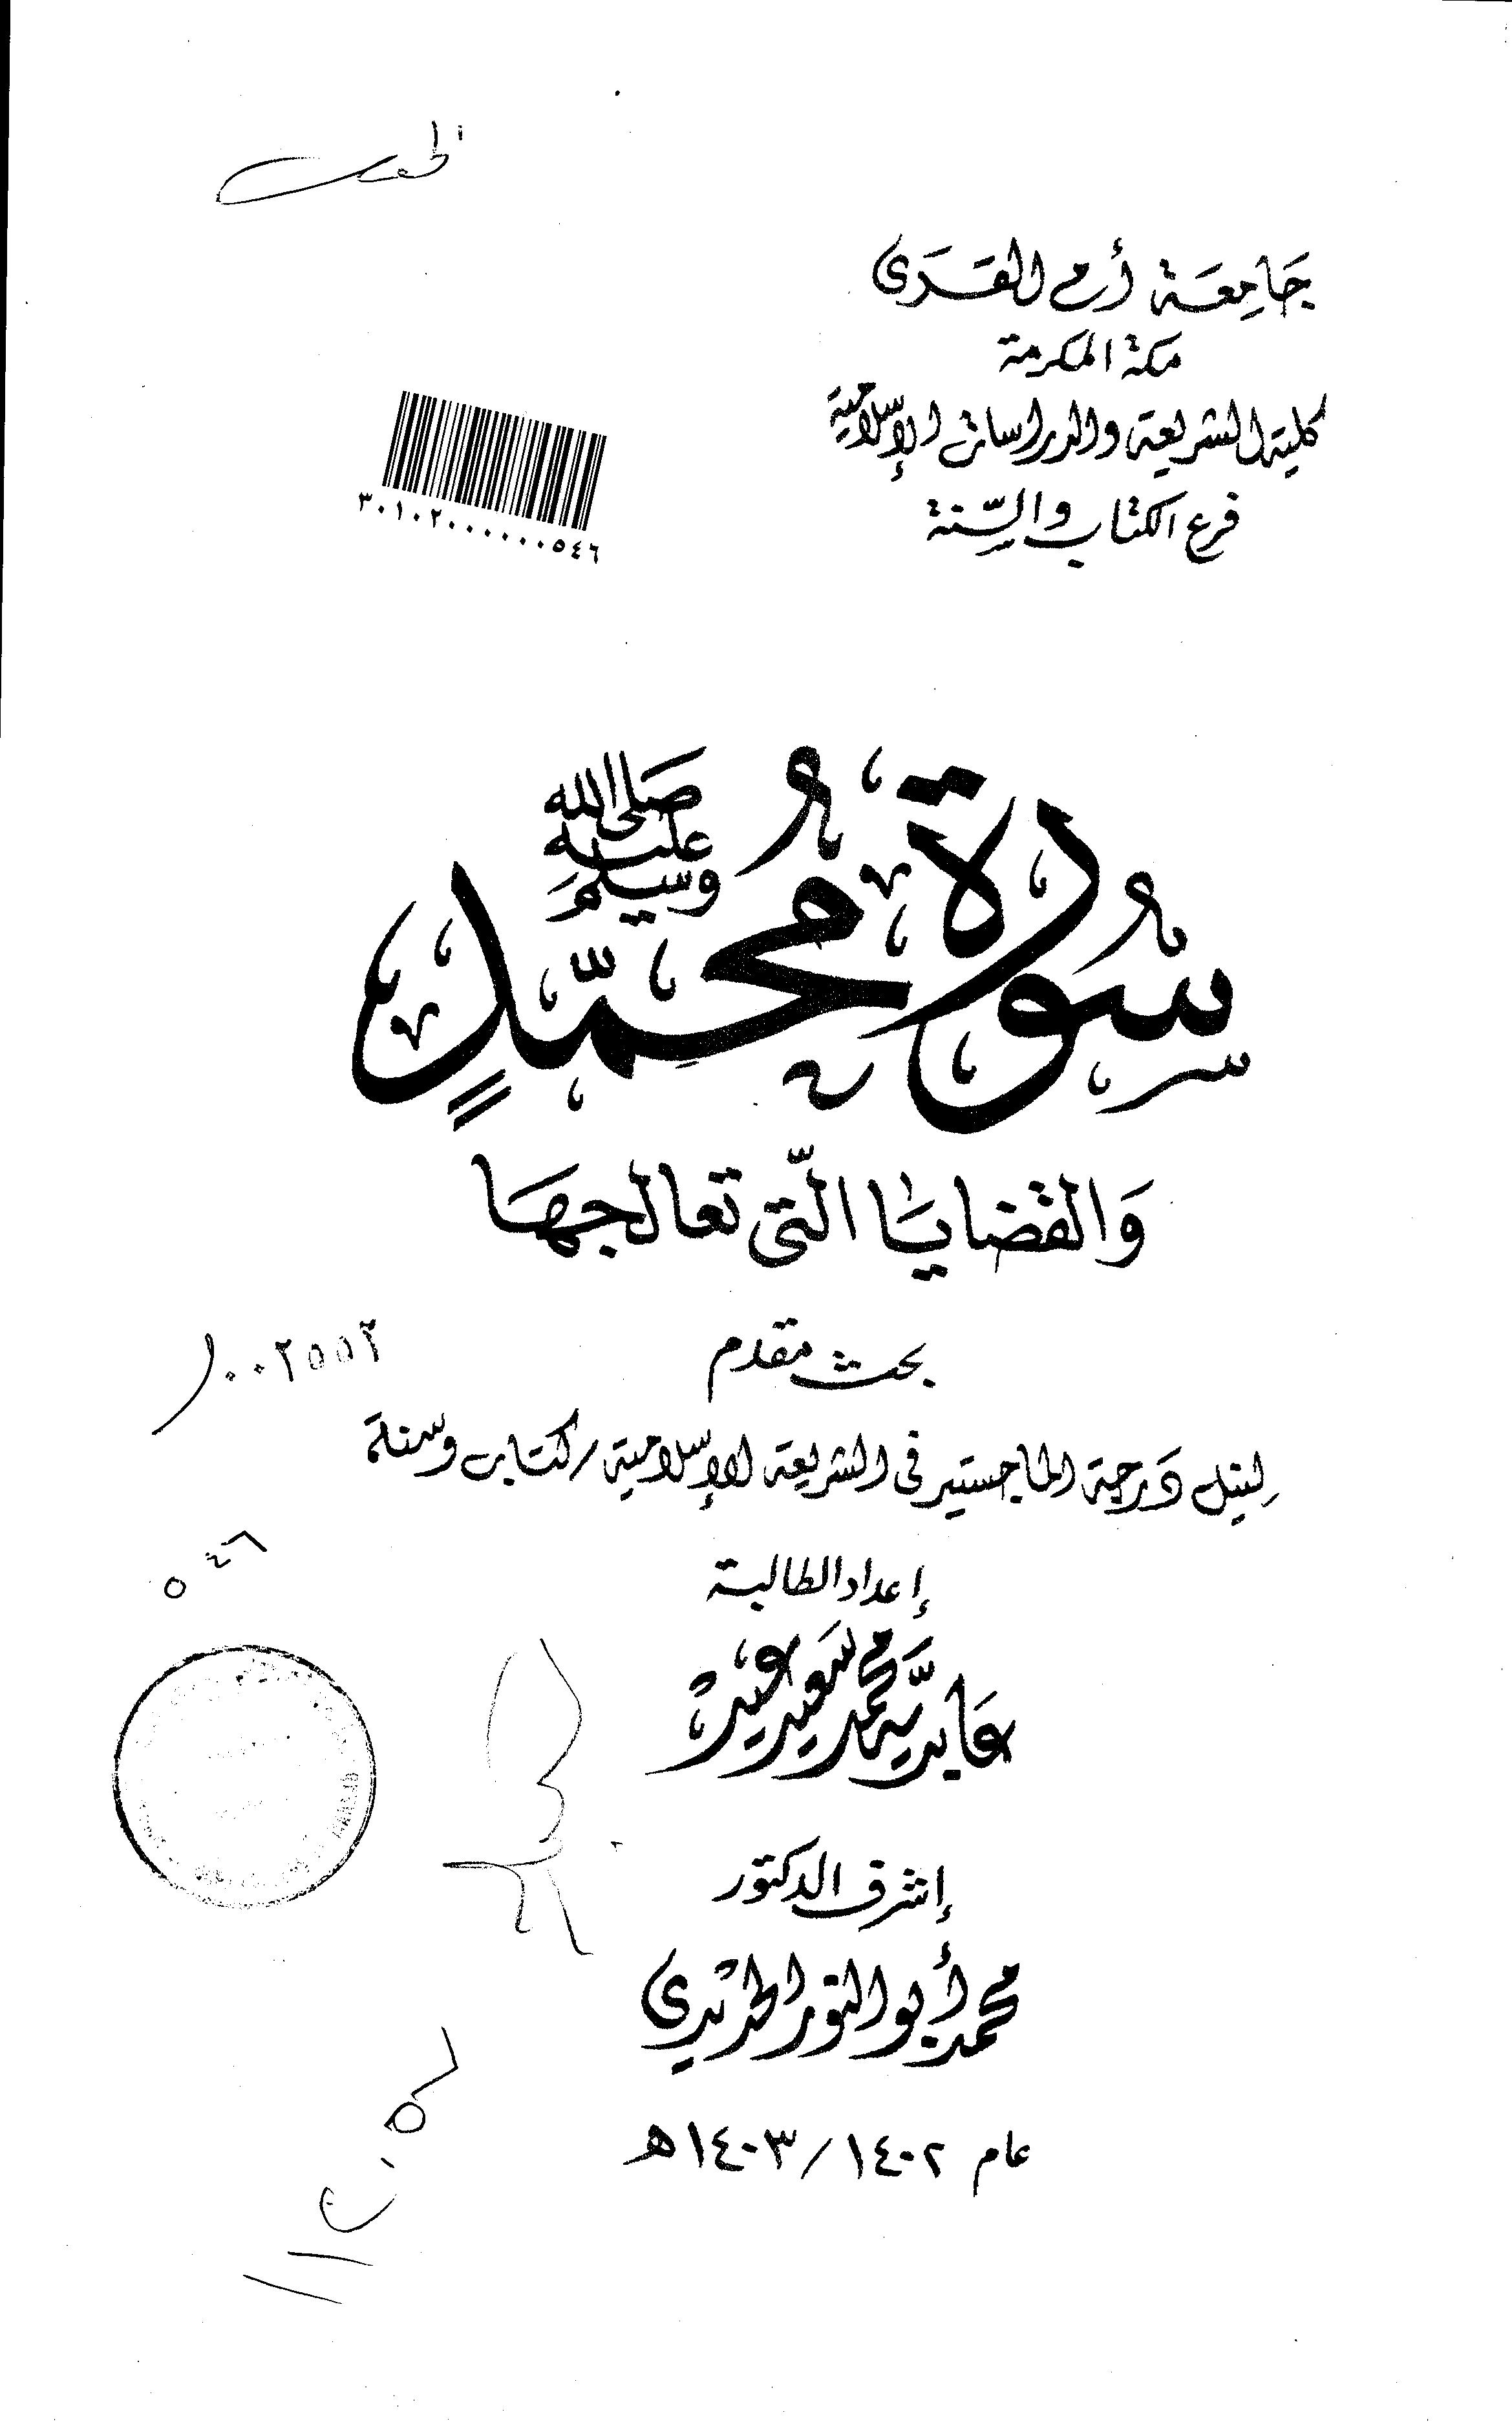 تحميل كتاب سورة محمد والقضايا التي تعالجها لـِ: عابدية بنت محمد سعيد عيد